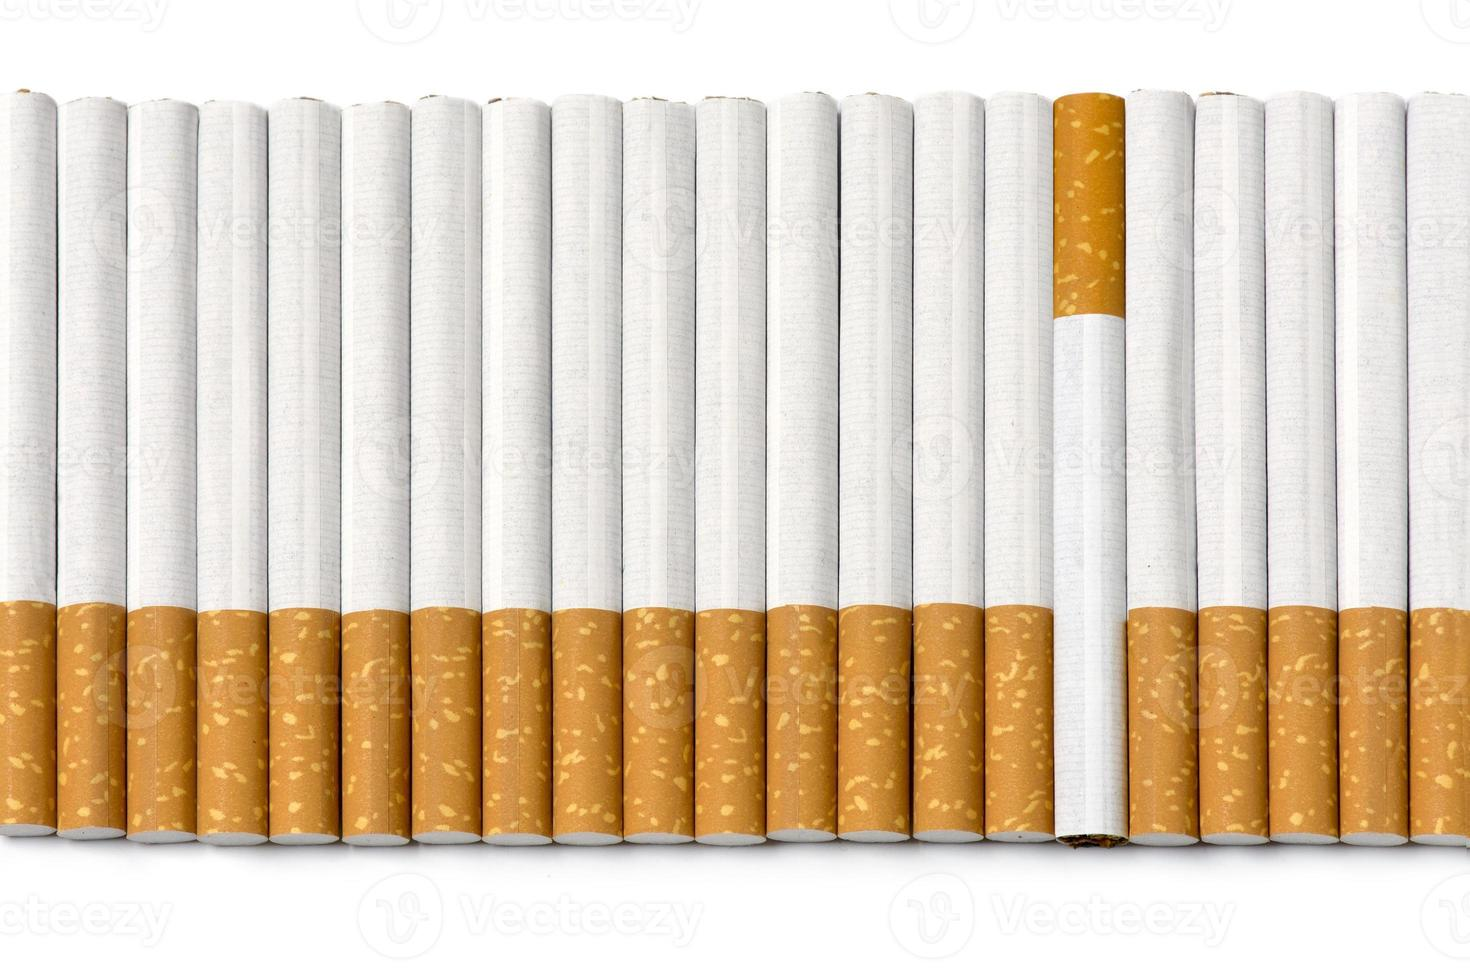 fila de cigarrillos con filtro, uno está al revés, en blanco foto